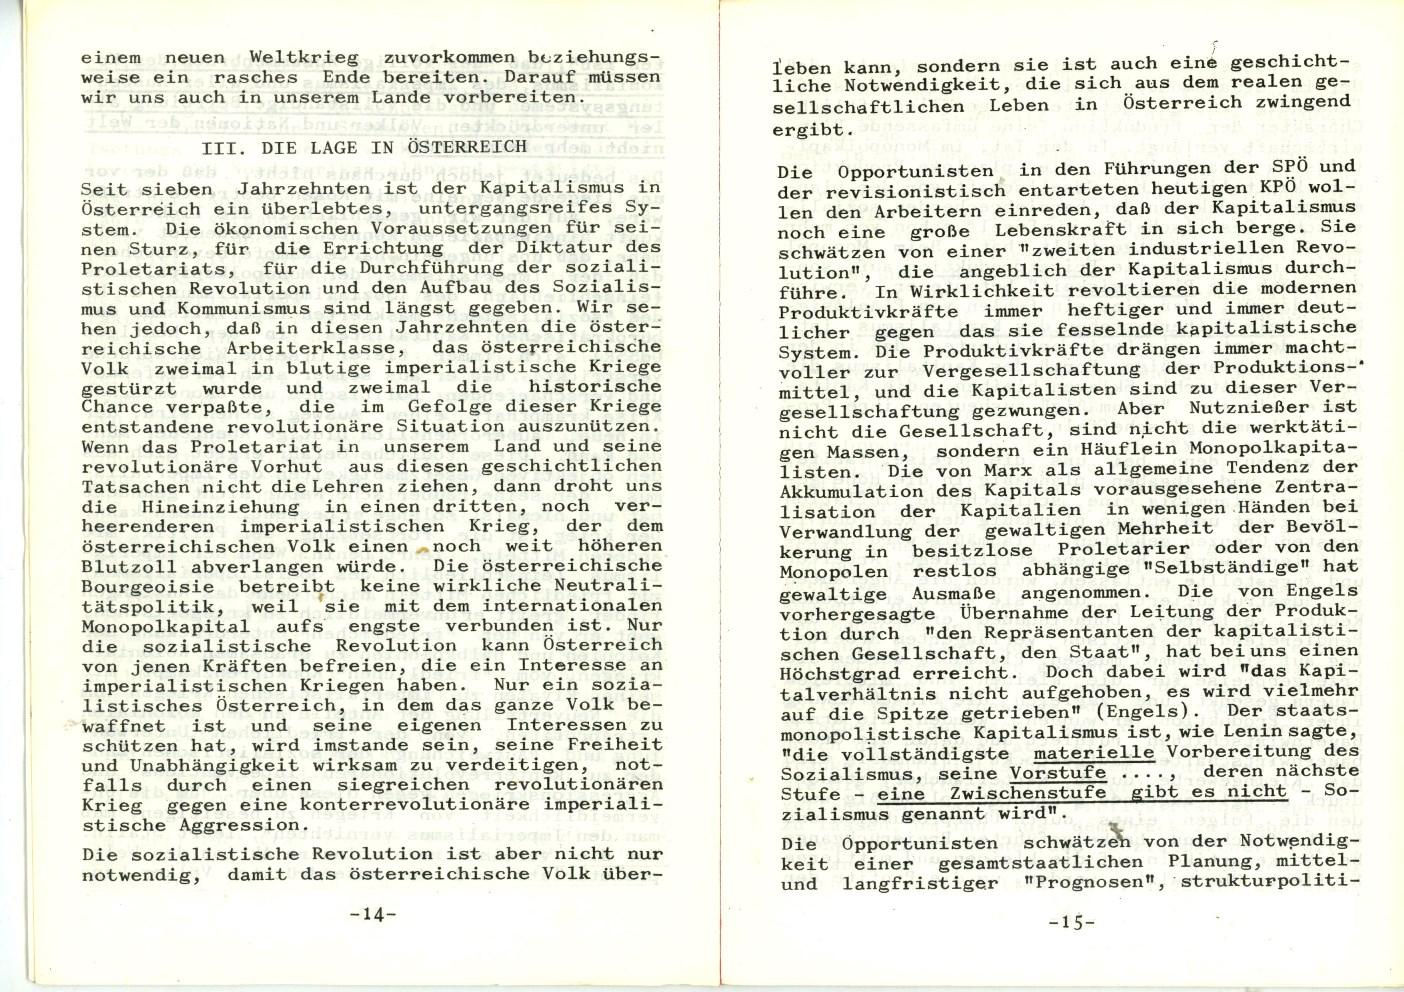 VRA_Grundsatzerklaerung_1971_09